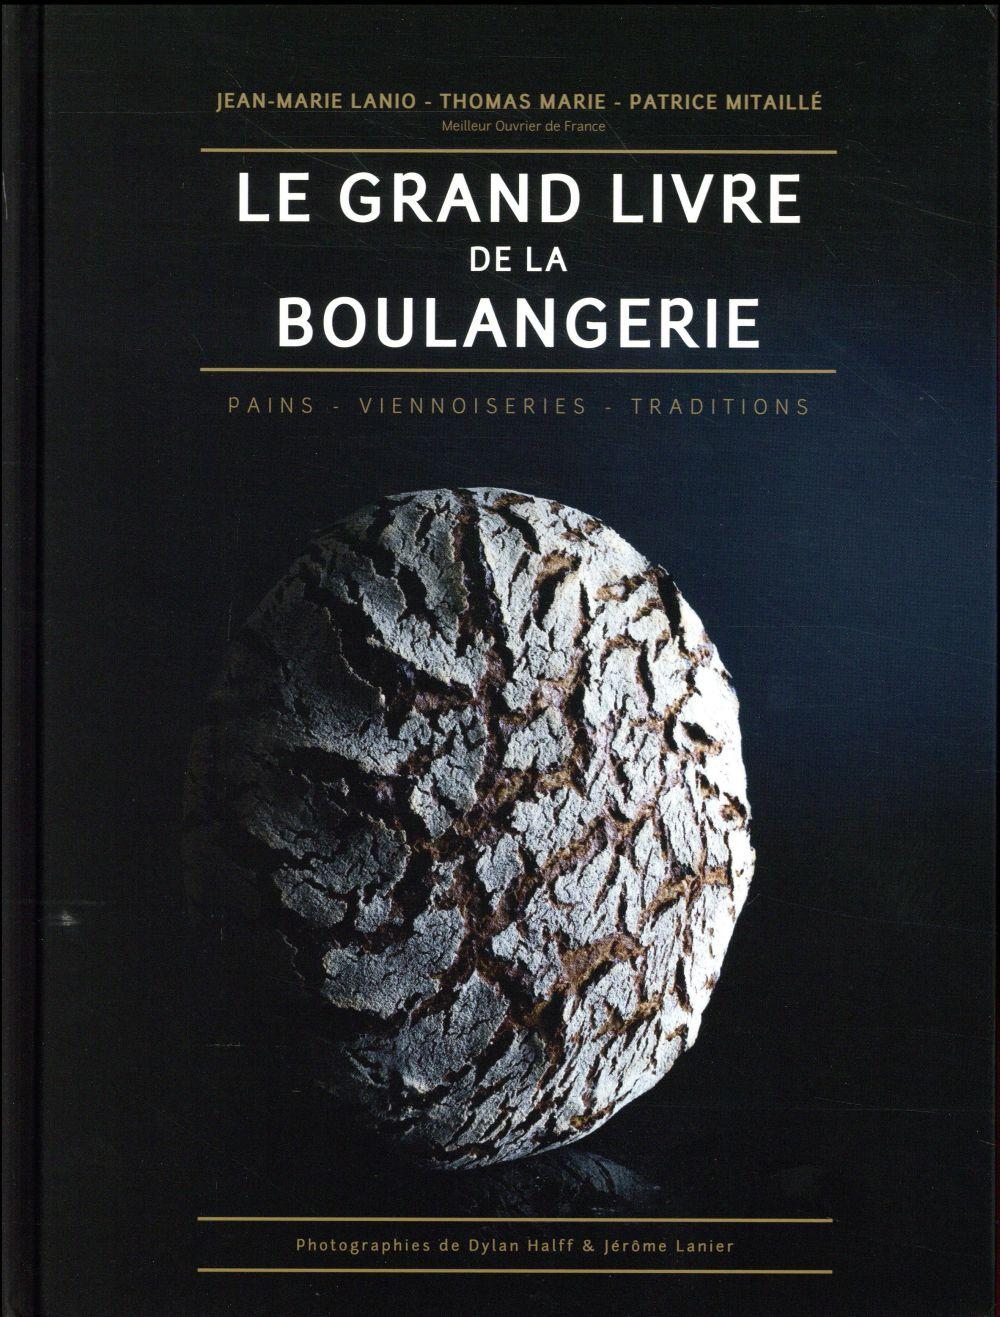 LE GRAND LIVRE DE LA BOULANGERIE THOMAS? MARIE / LANIO Ed. Alain Ducasse